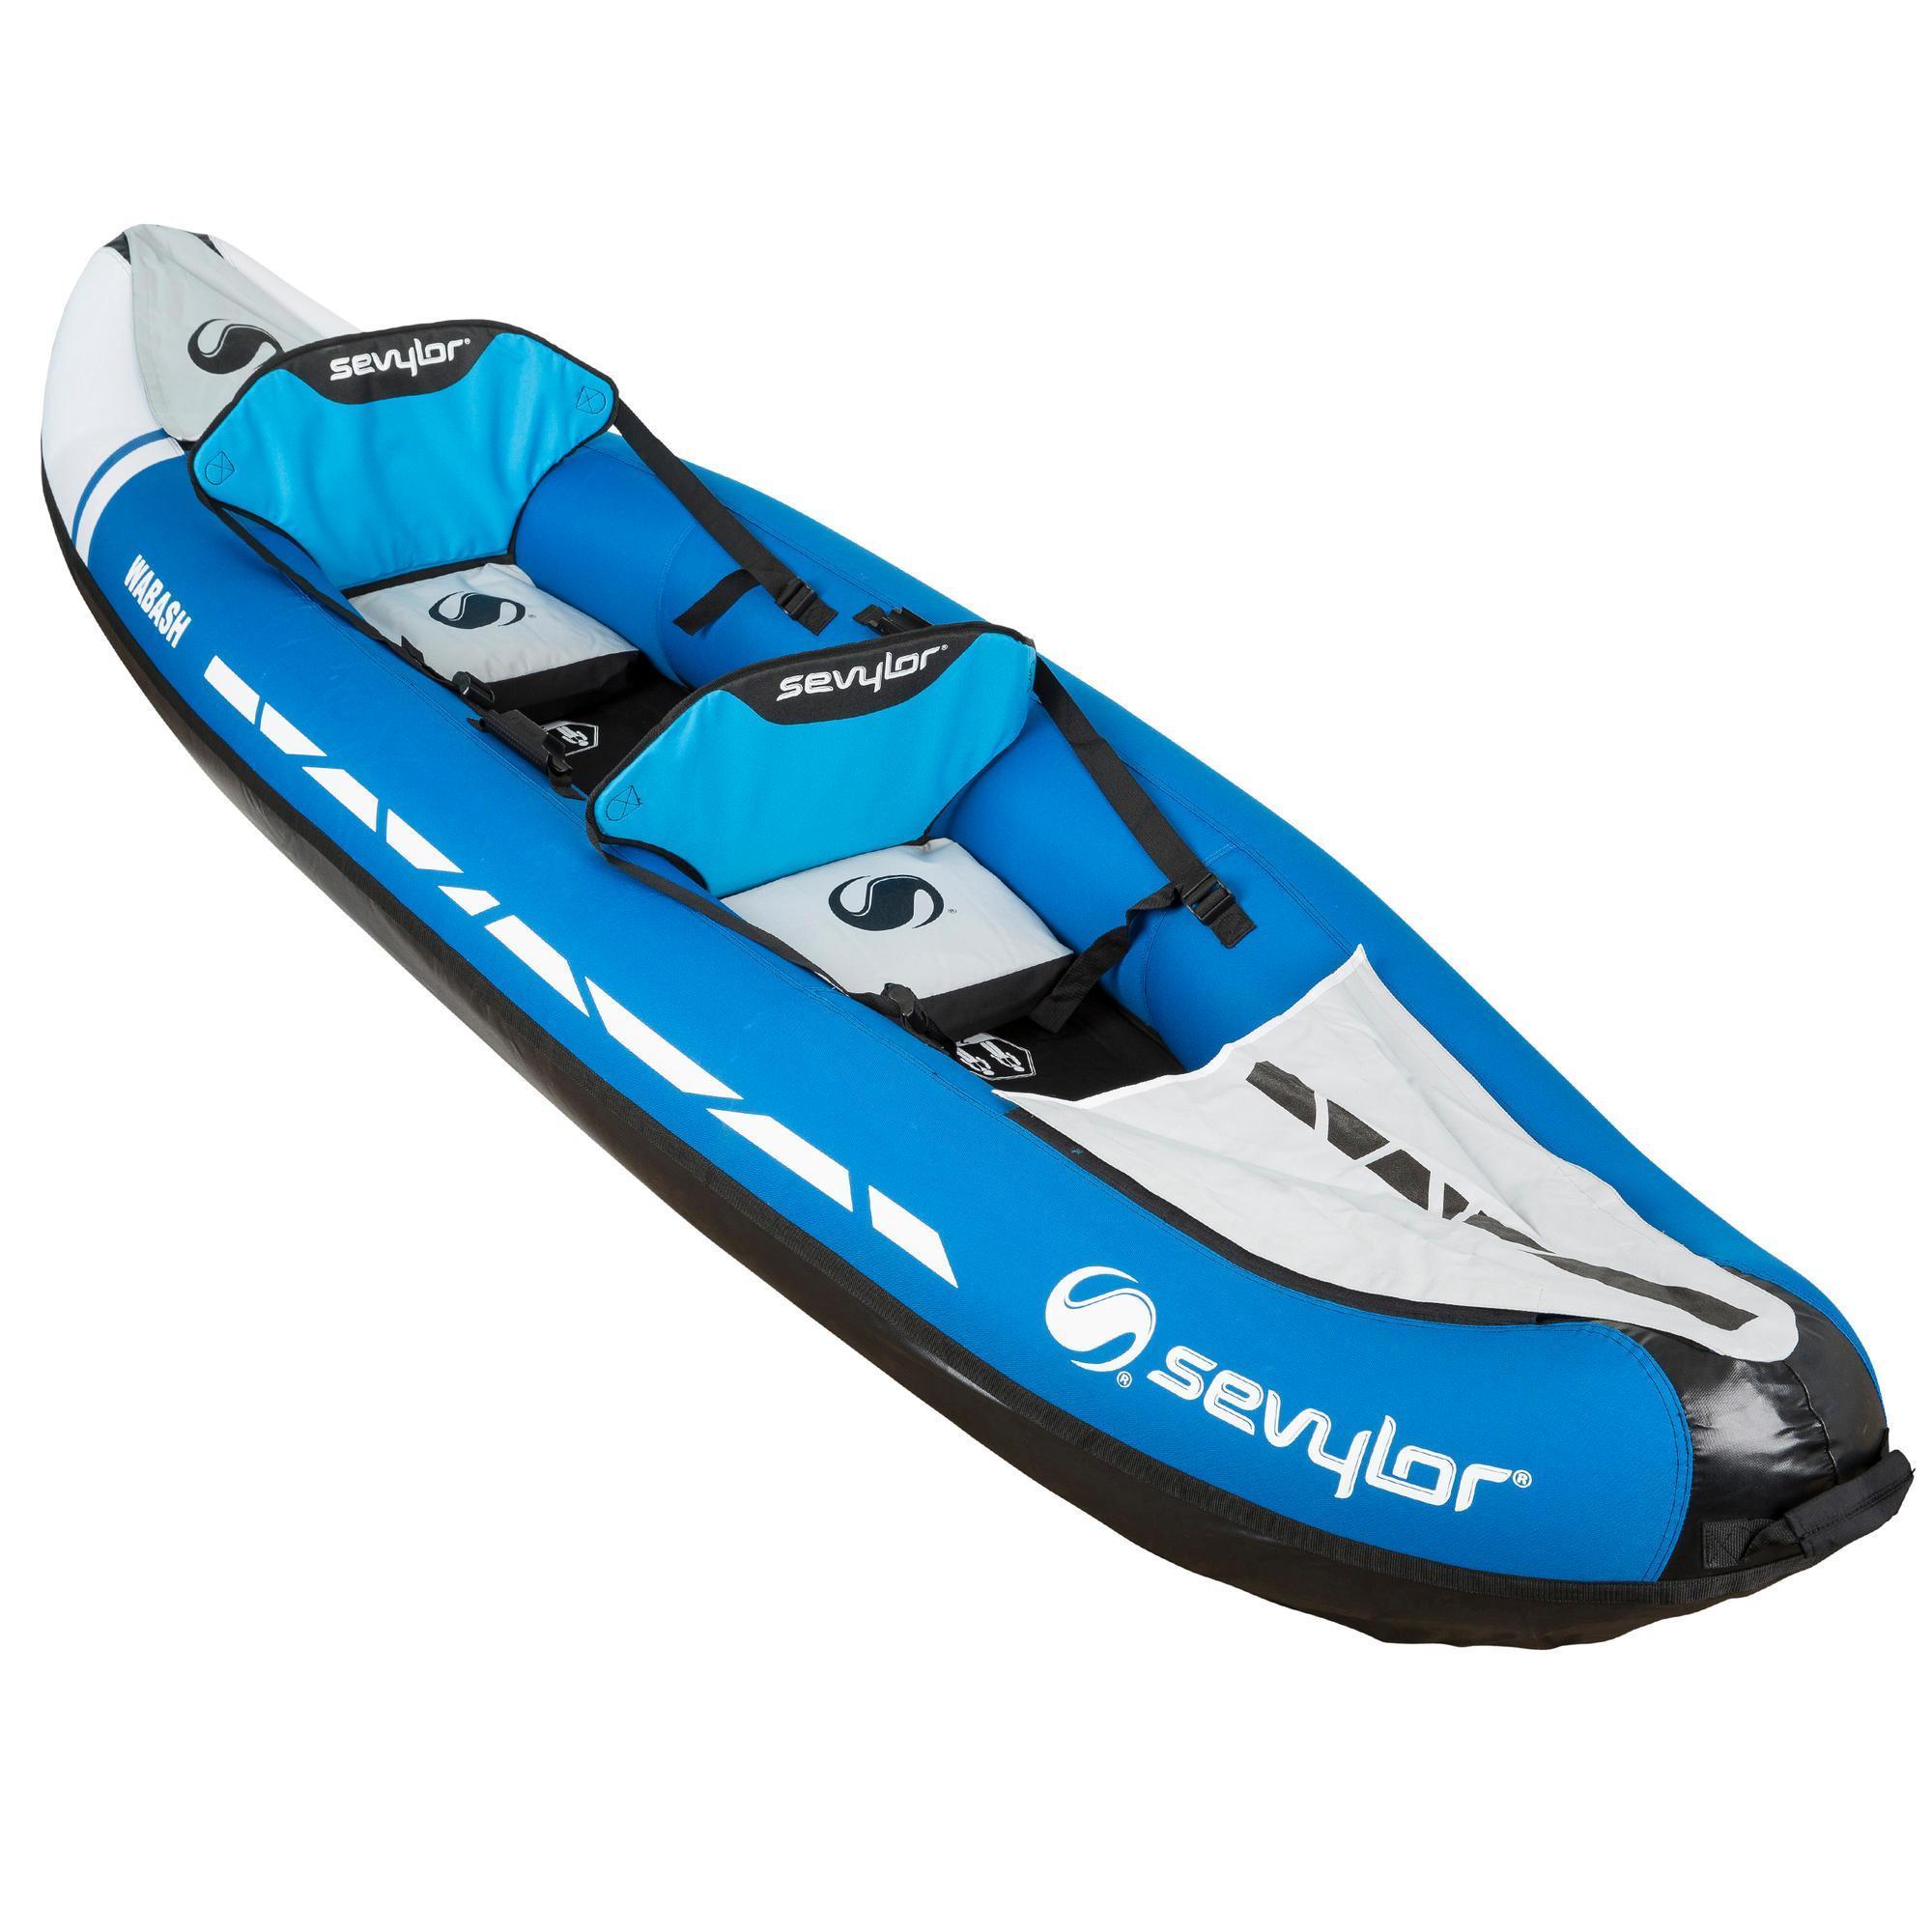 sevylor canoe kayak gonflable wabash 2 places bleu decathlon. Black Bedroom Furniture Sets. Home Design Ideas